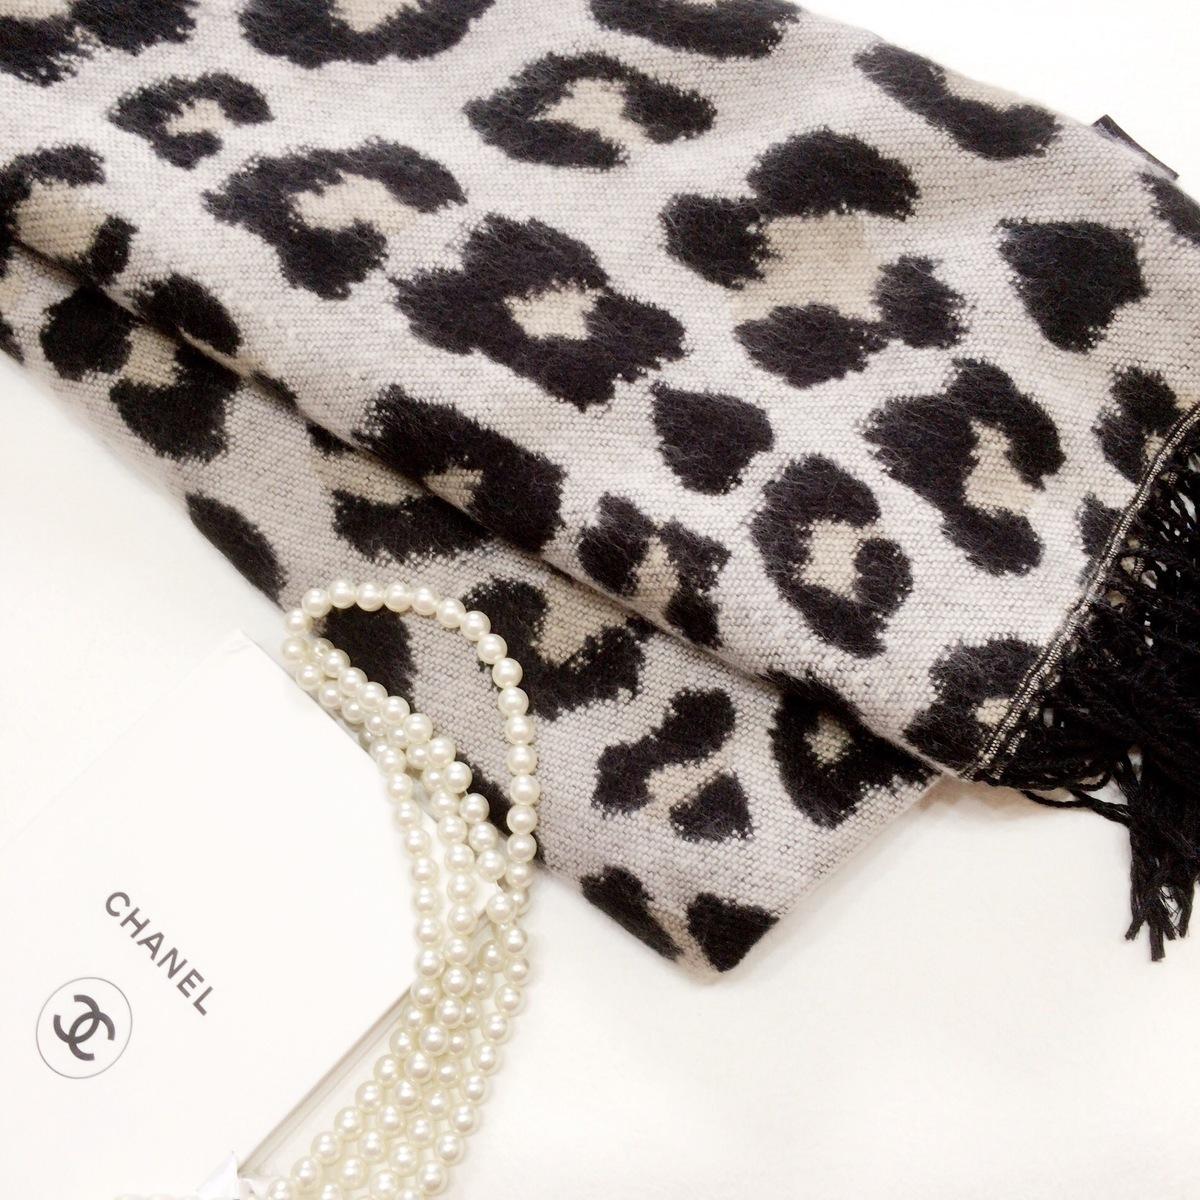 H&Mのレオパード柄ストールでやわらか雰囲気に。ワンポイントで品良く取り入れよう